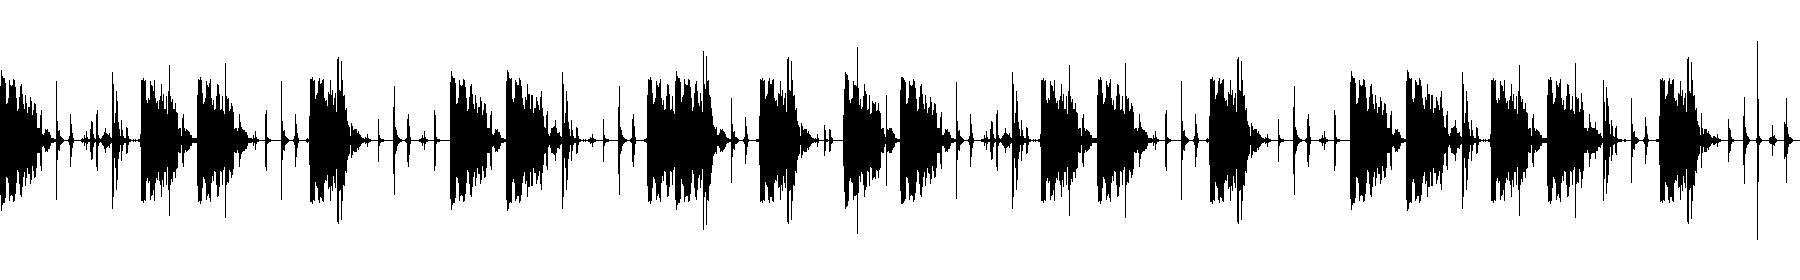 80 drumloop sp 02